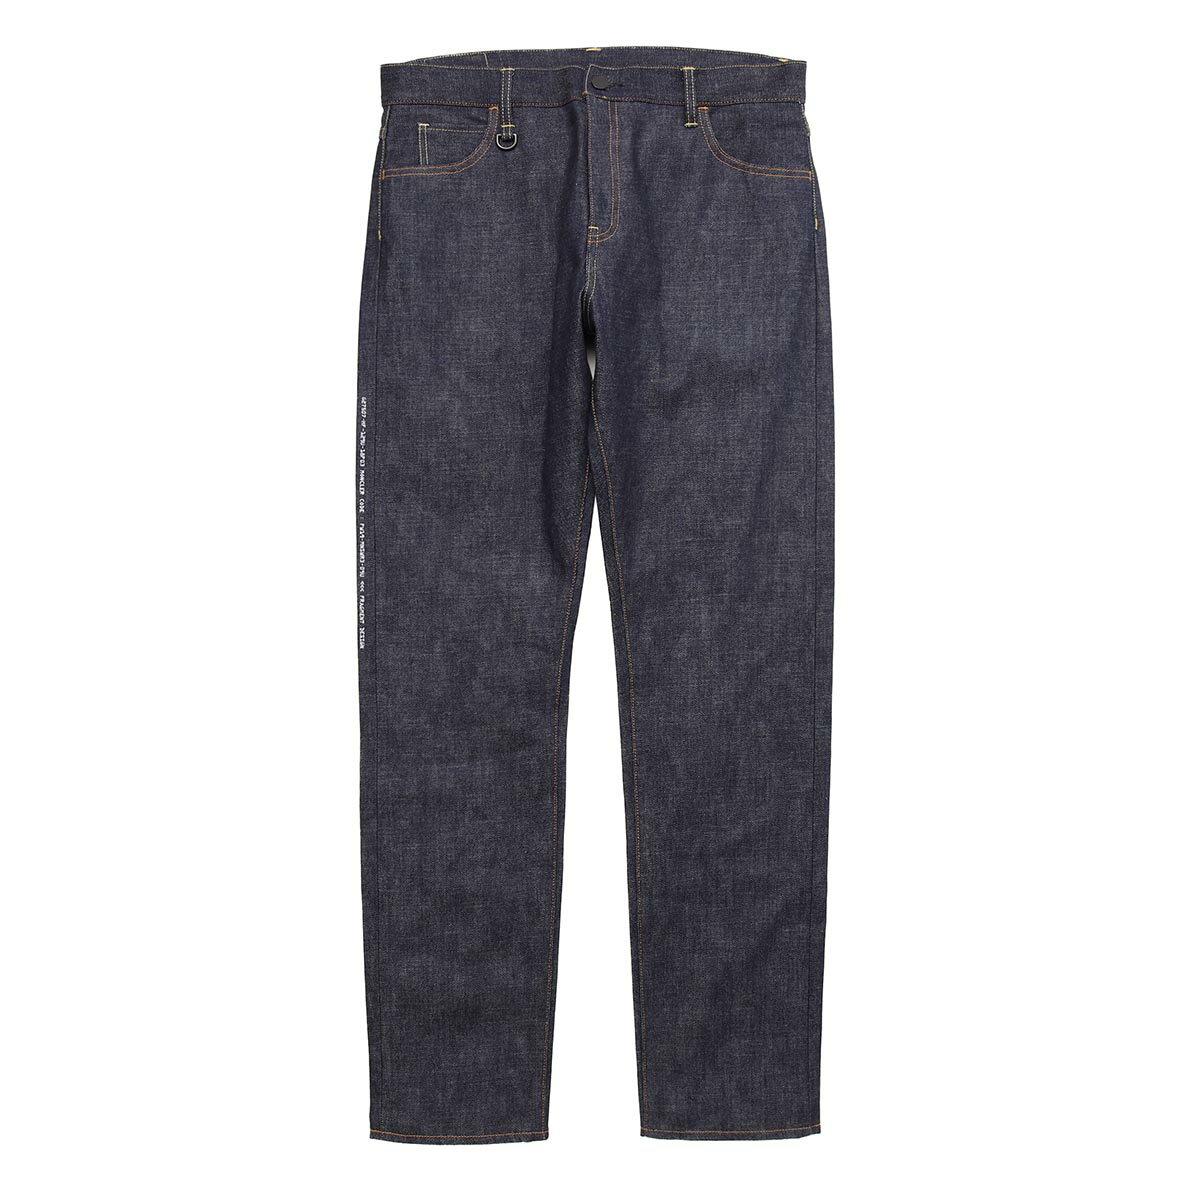 メンズファッション, ズボン・パンツ  MONCLER 1200600 54aee 724 MONCLER GENIUS 7 FRAGMENT HIROSHI FUJIWARA